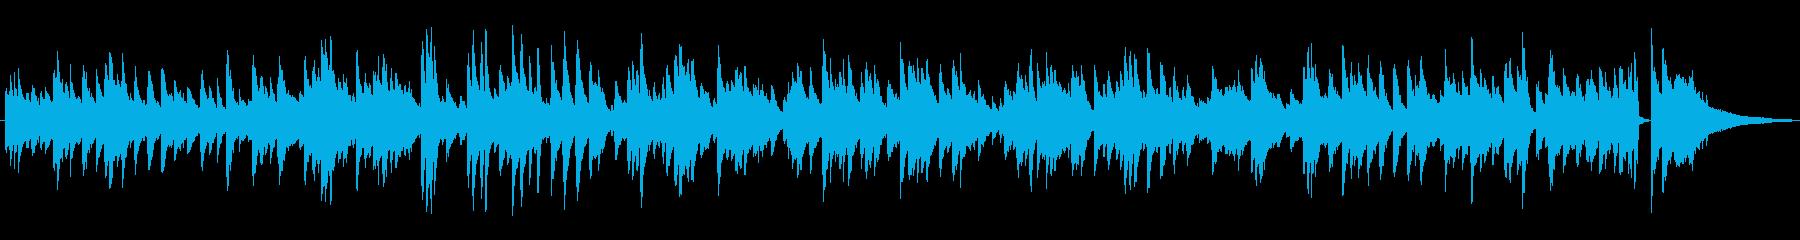 ゆっくりめのジャズラウンジピアノソロの再生済みの波形